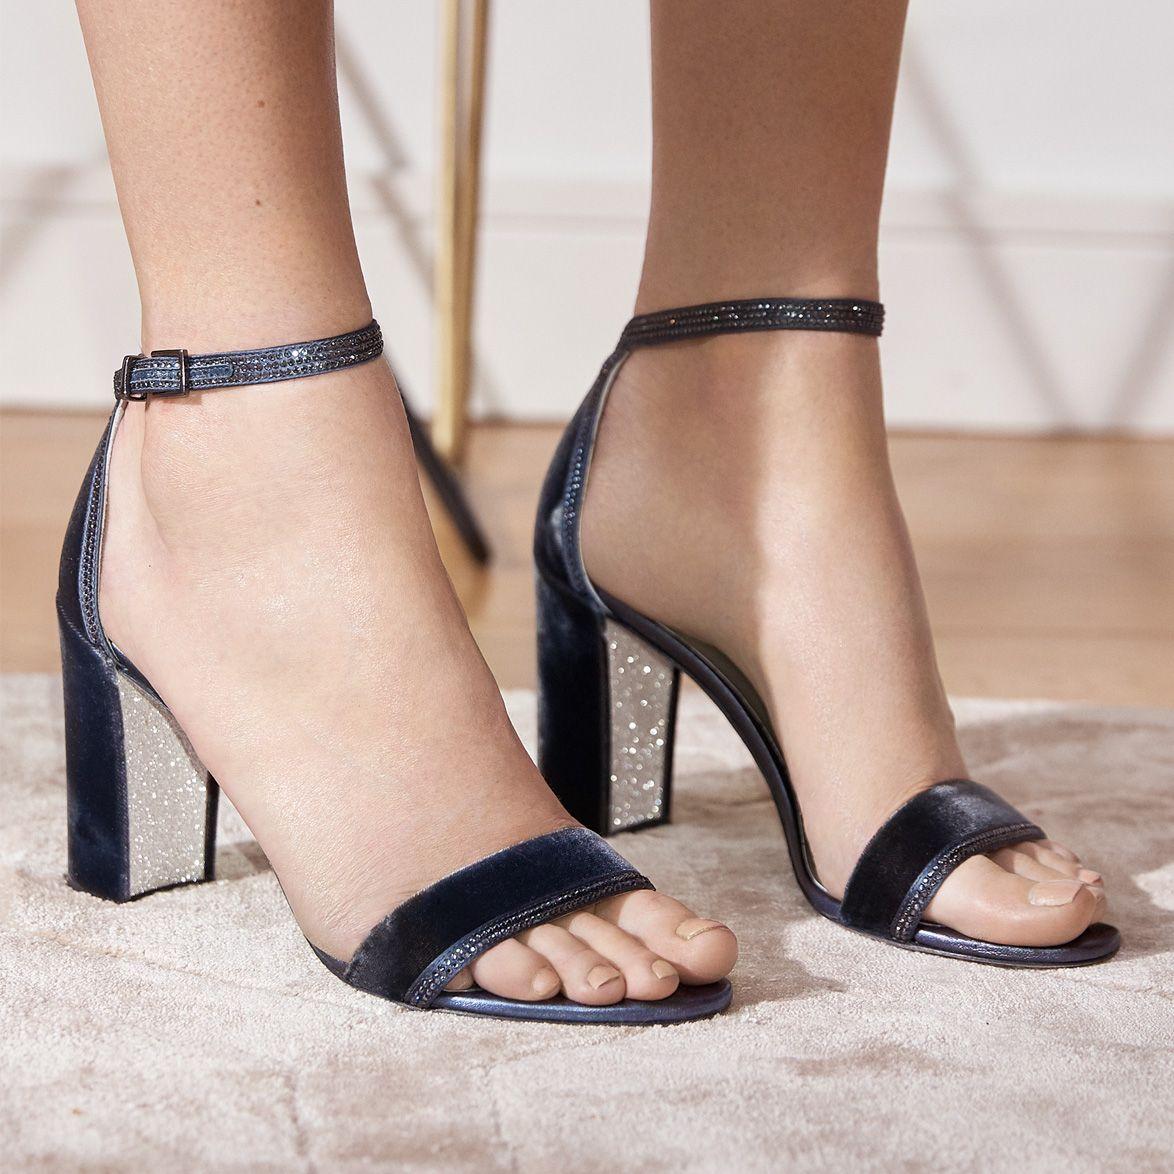 Women's High Heel Sandals | Sale Up To